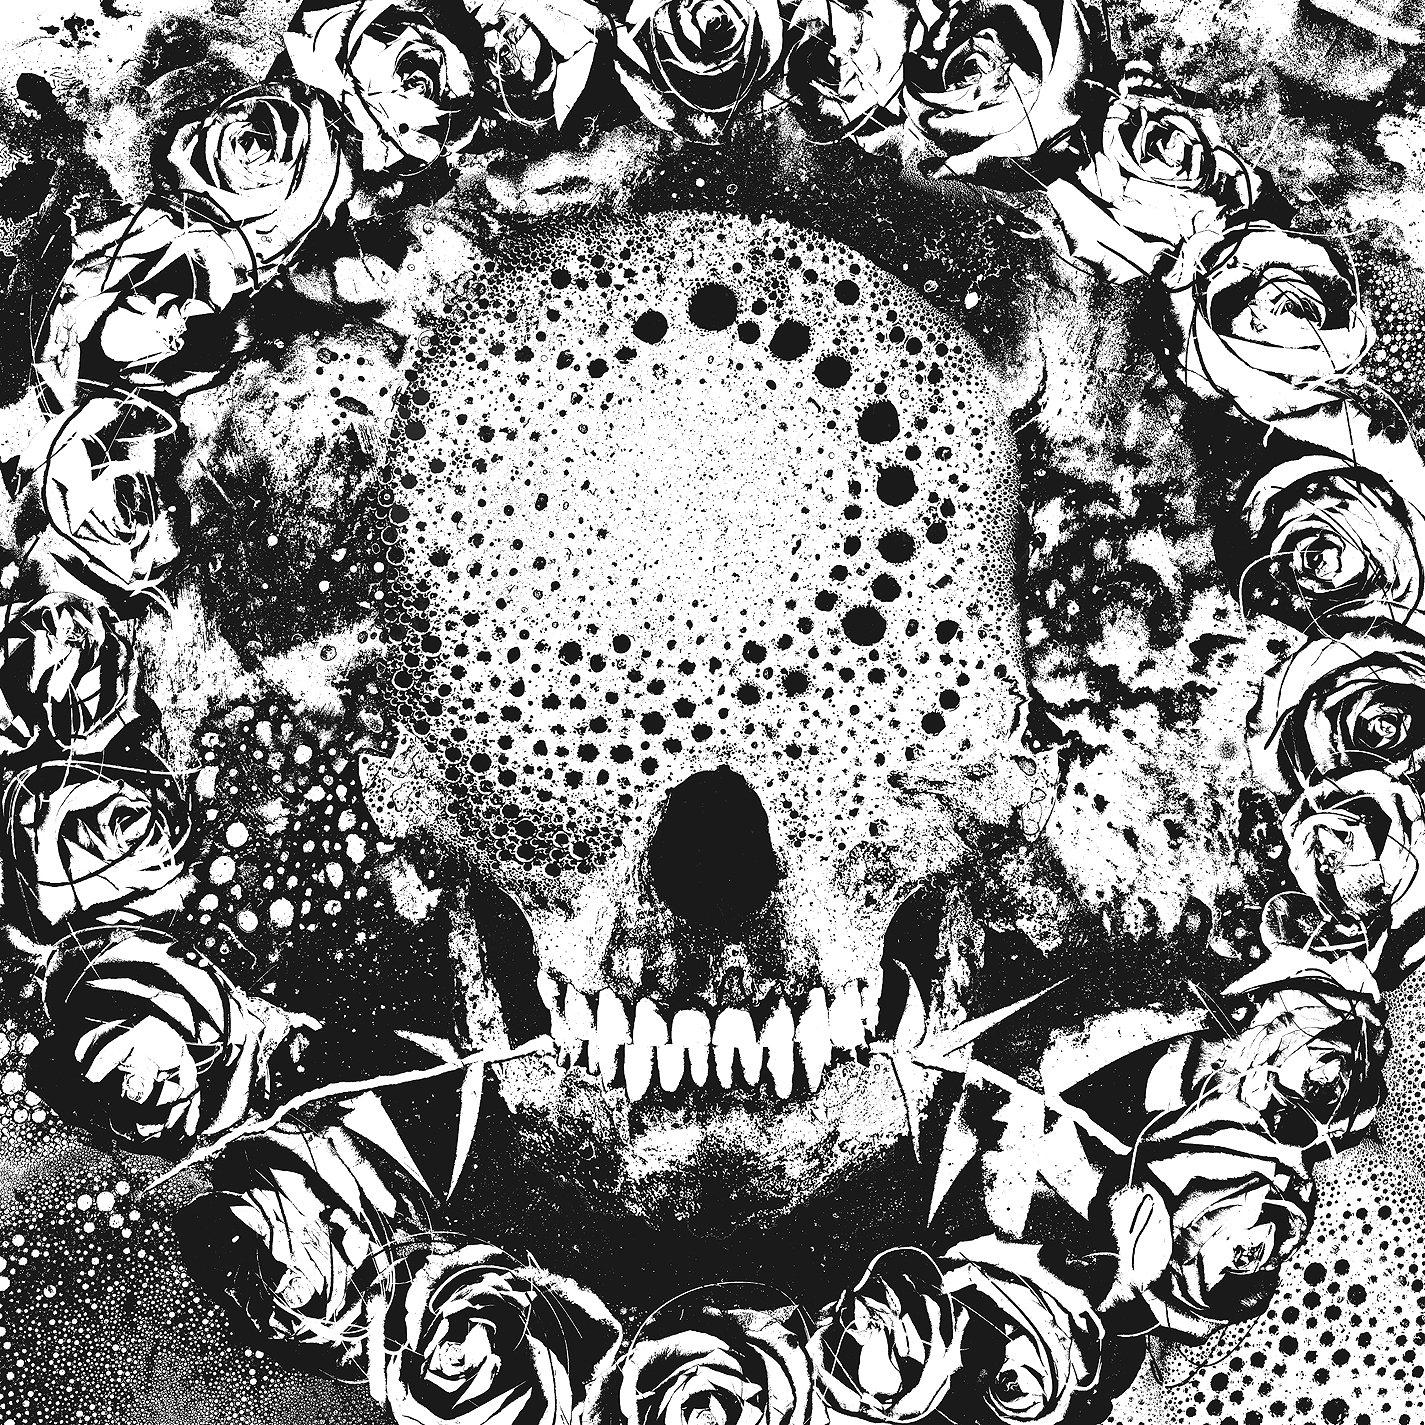 Vinilo : New Lows - Abhorrent Endings (LP Vinyl)